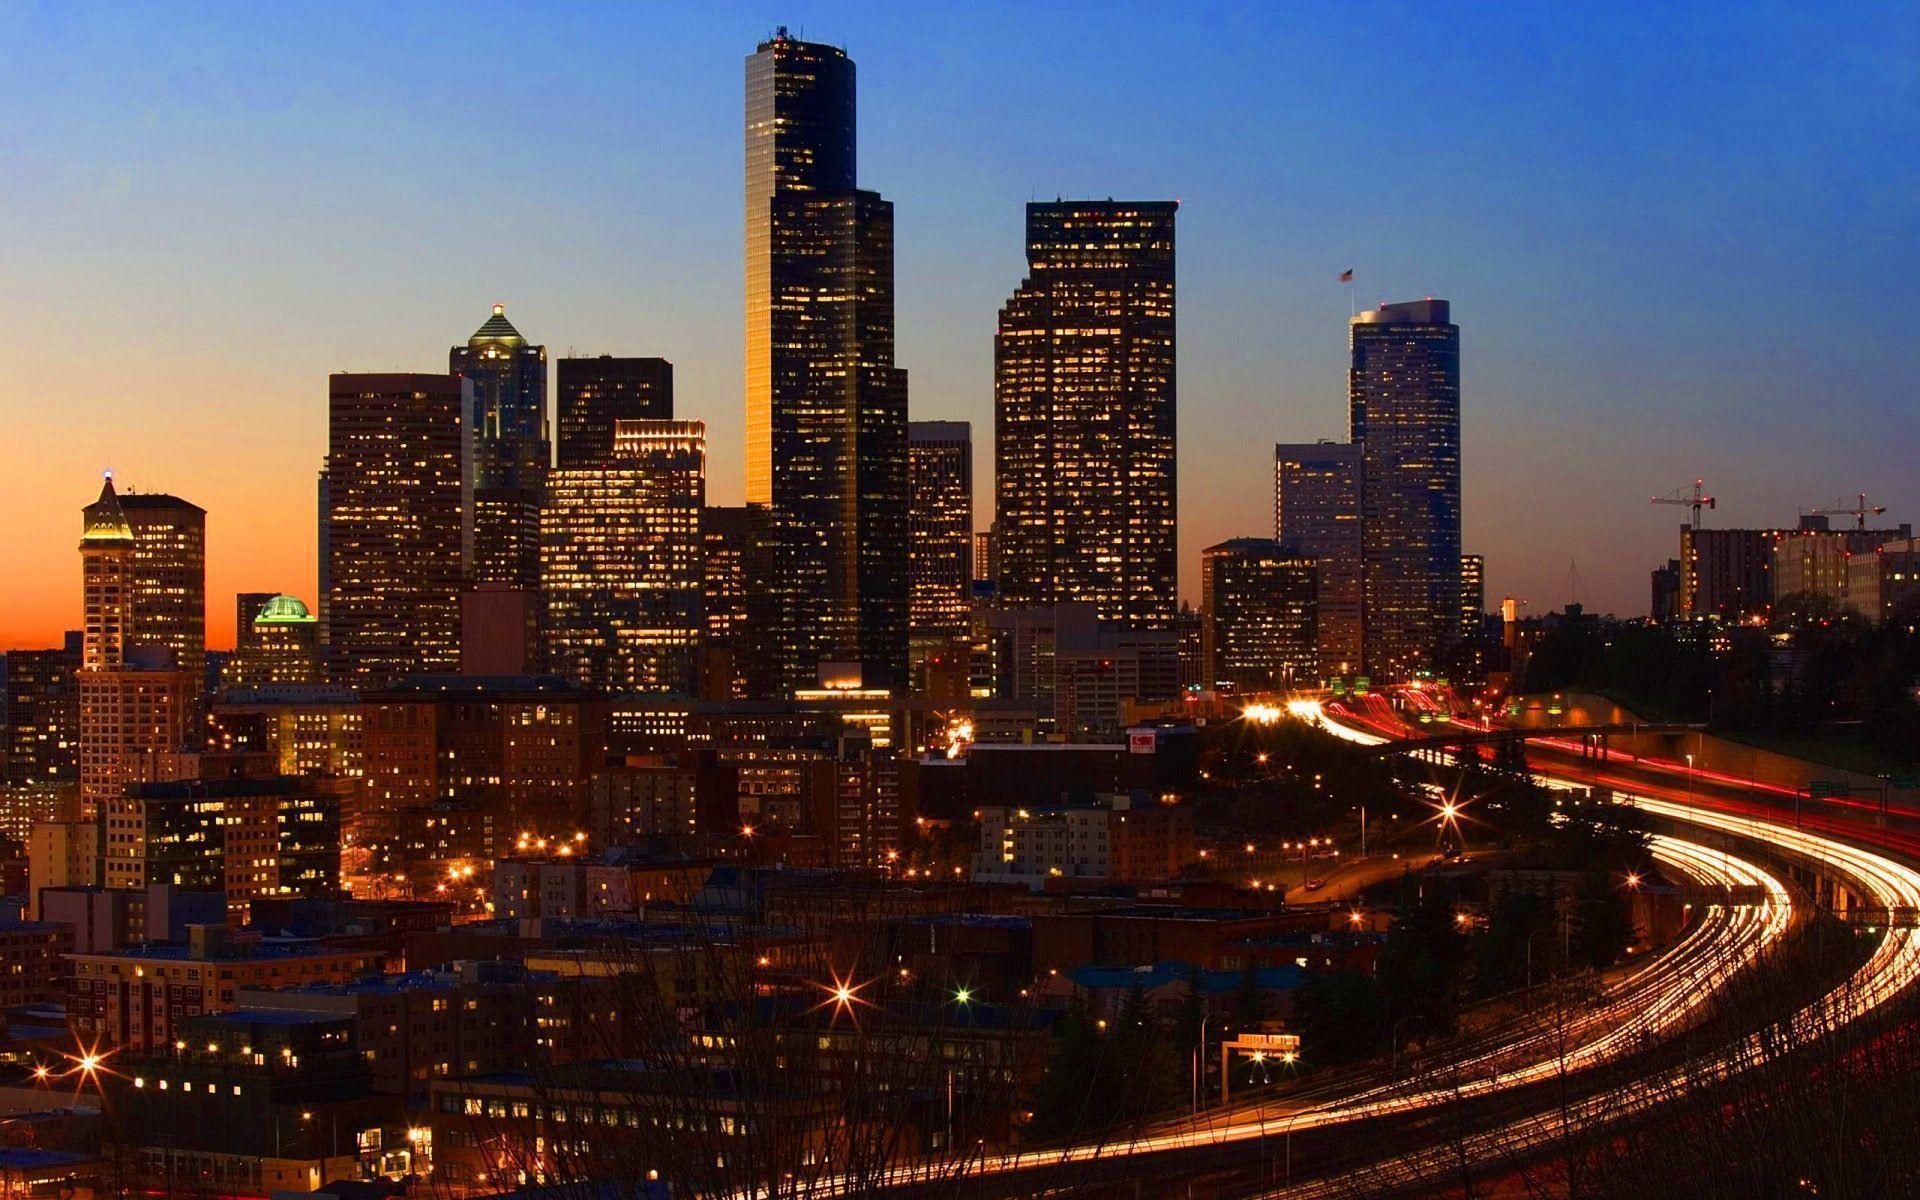 San Francisco at night Wallpapers | HD Wallpapers Base